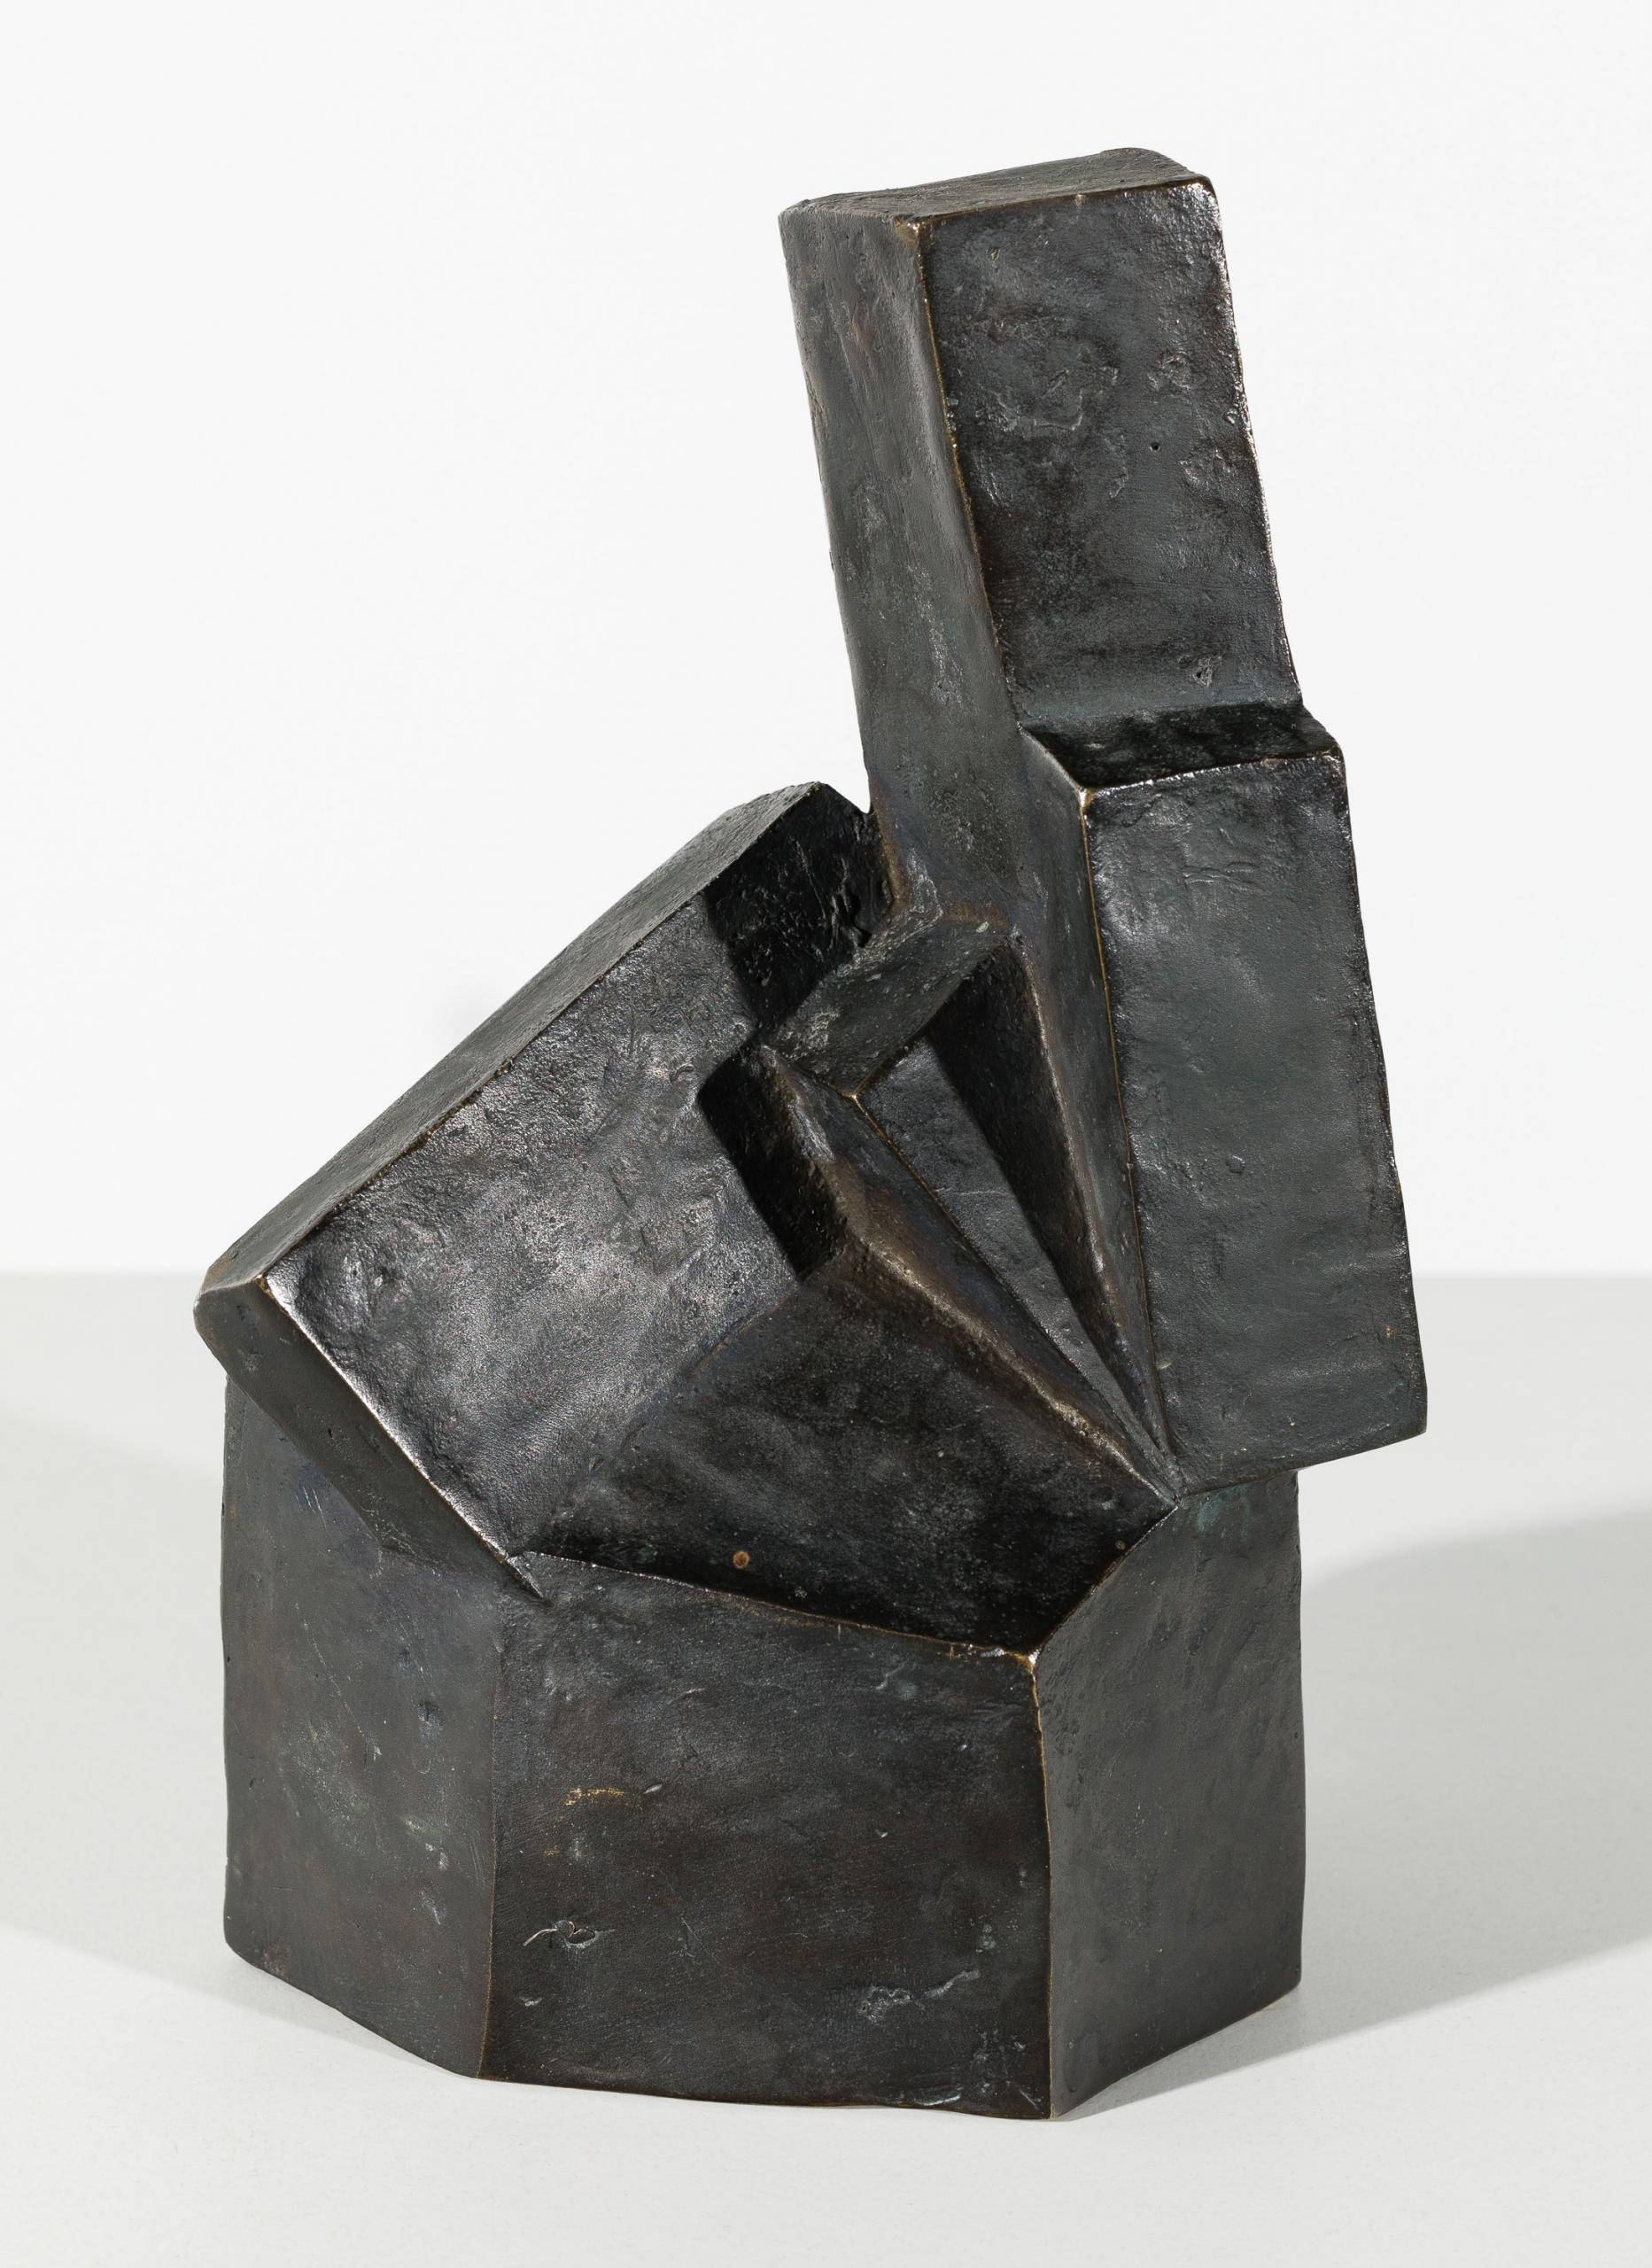 Josef Pillhofer, Kleine kubische Sitzende